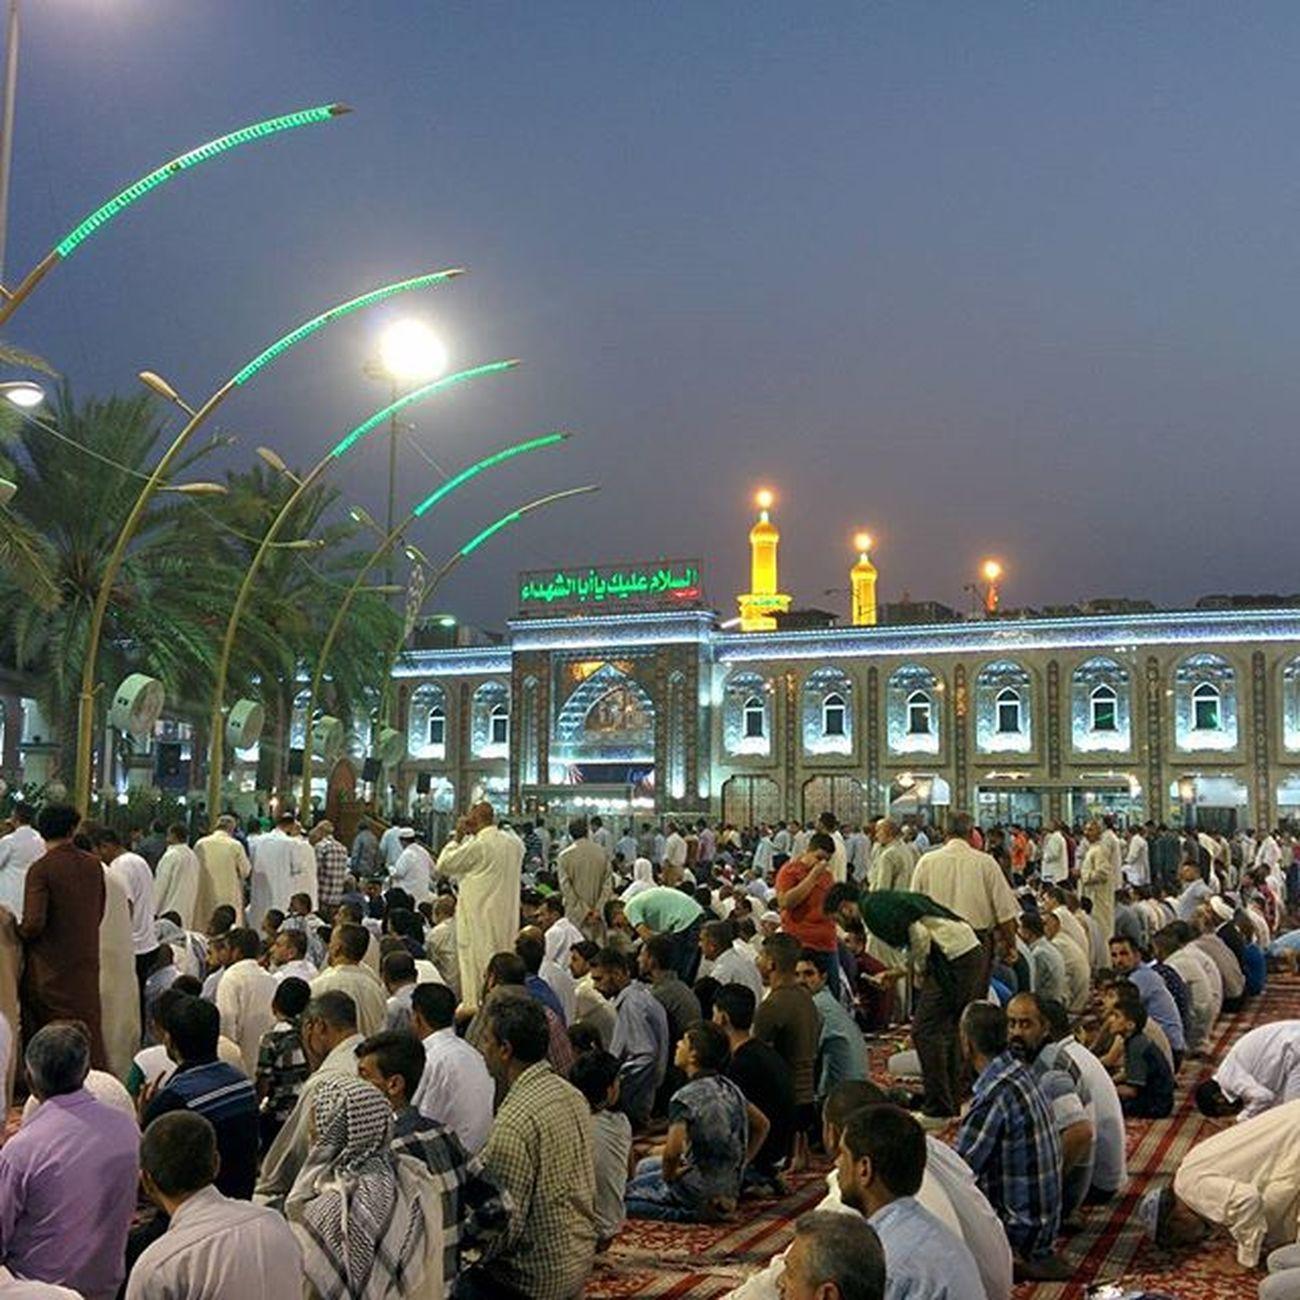 Piece of Heaven. Iraq Krabala Shia Imam Hussain Shrine Pray Prayer Prayers Nexus5 Nexus_nation Unedited